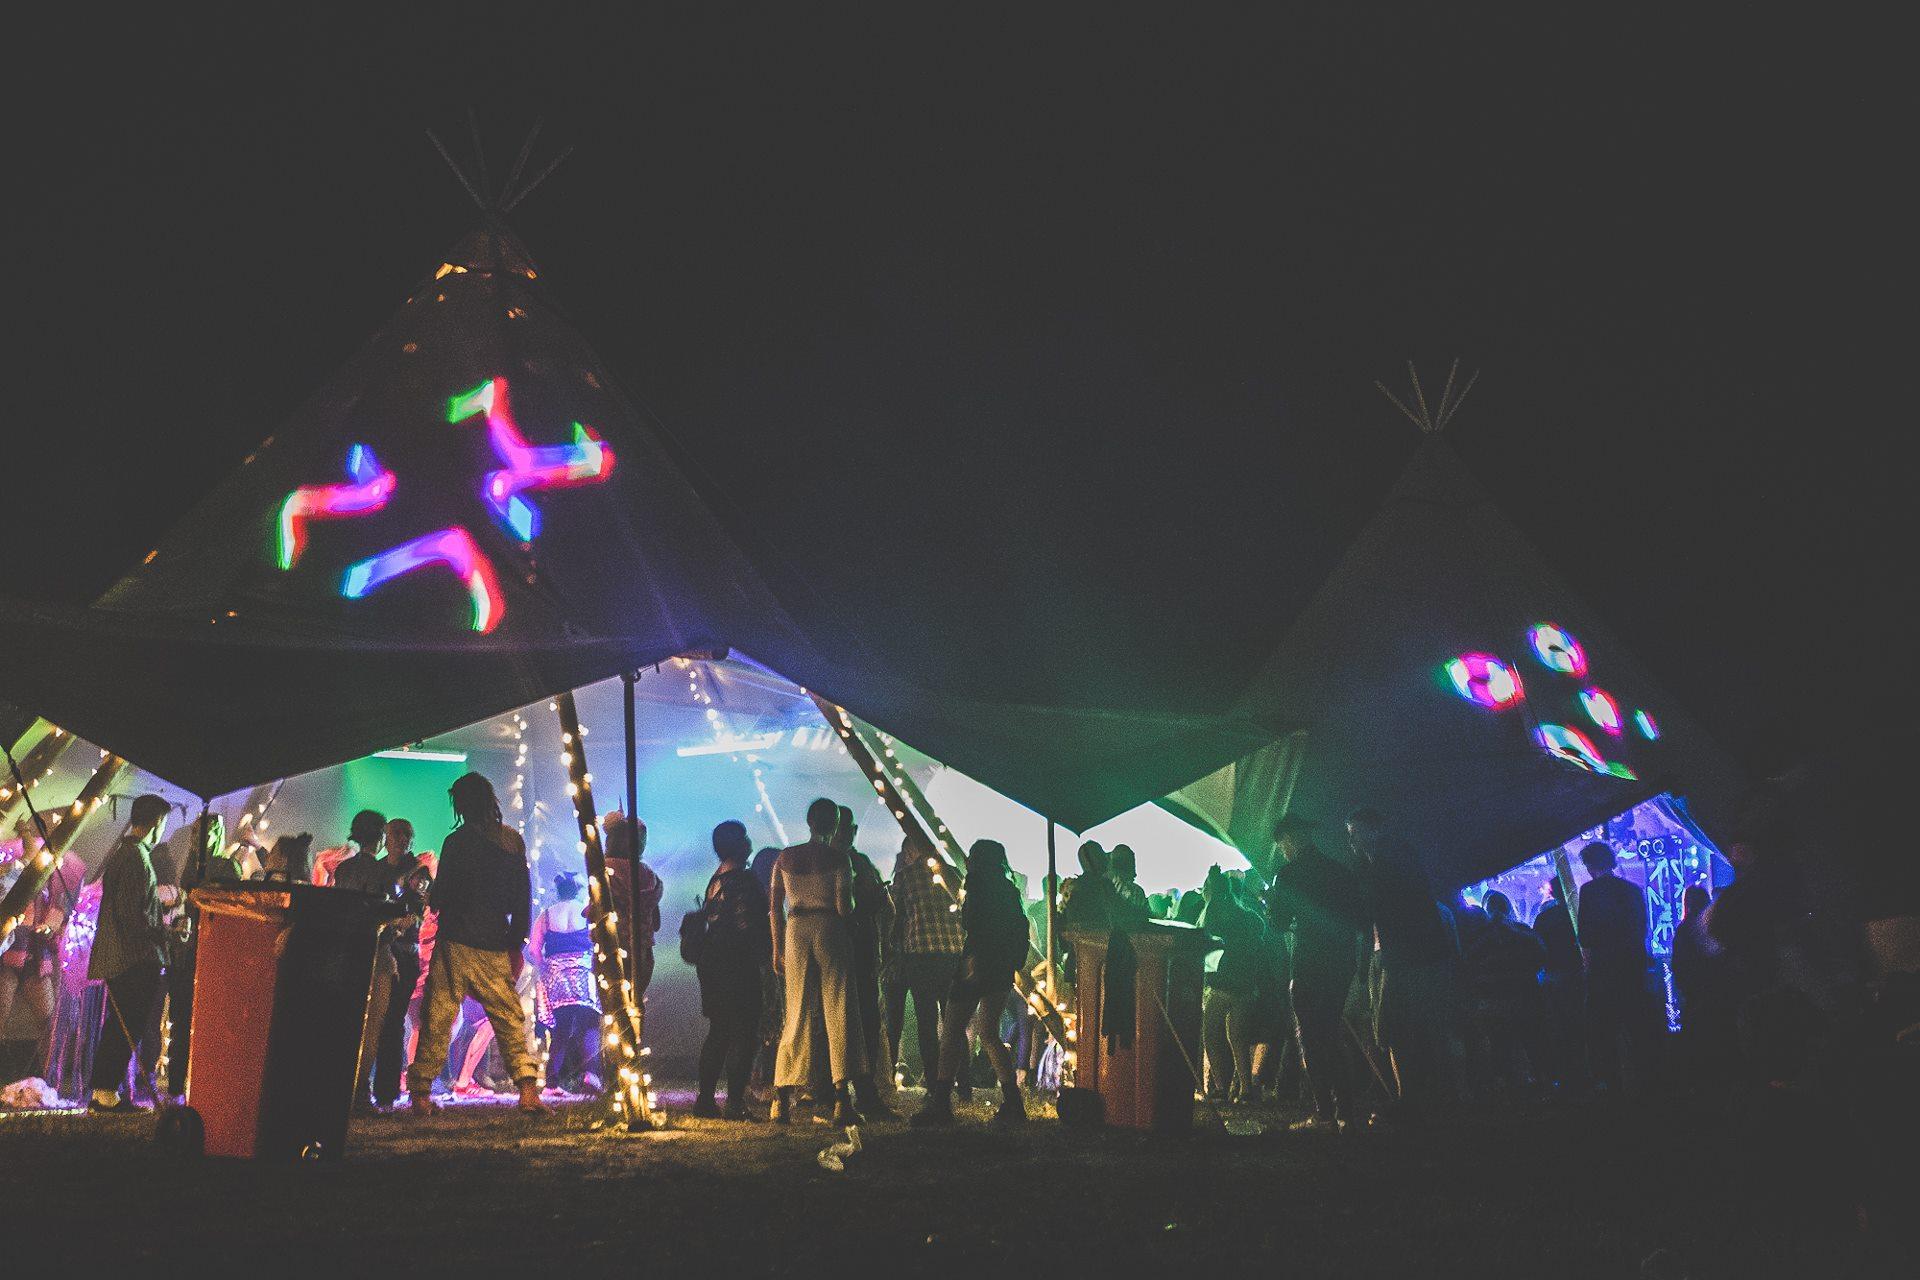 Festival Marquee Hire Provider